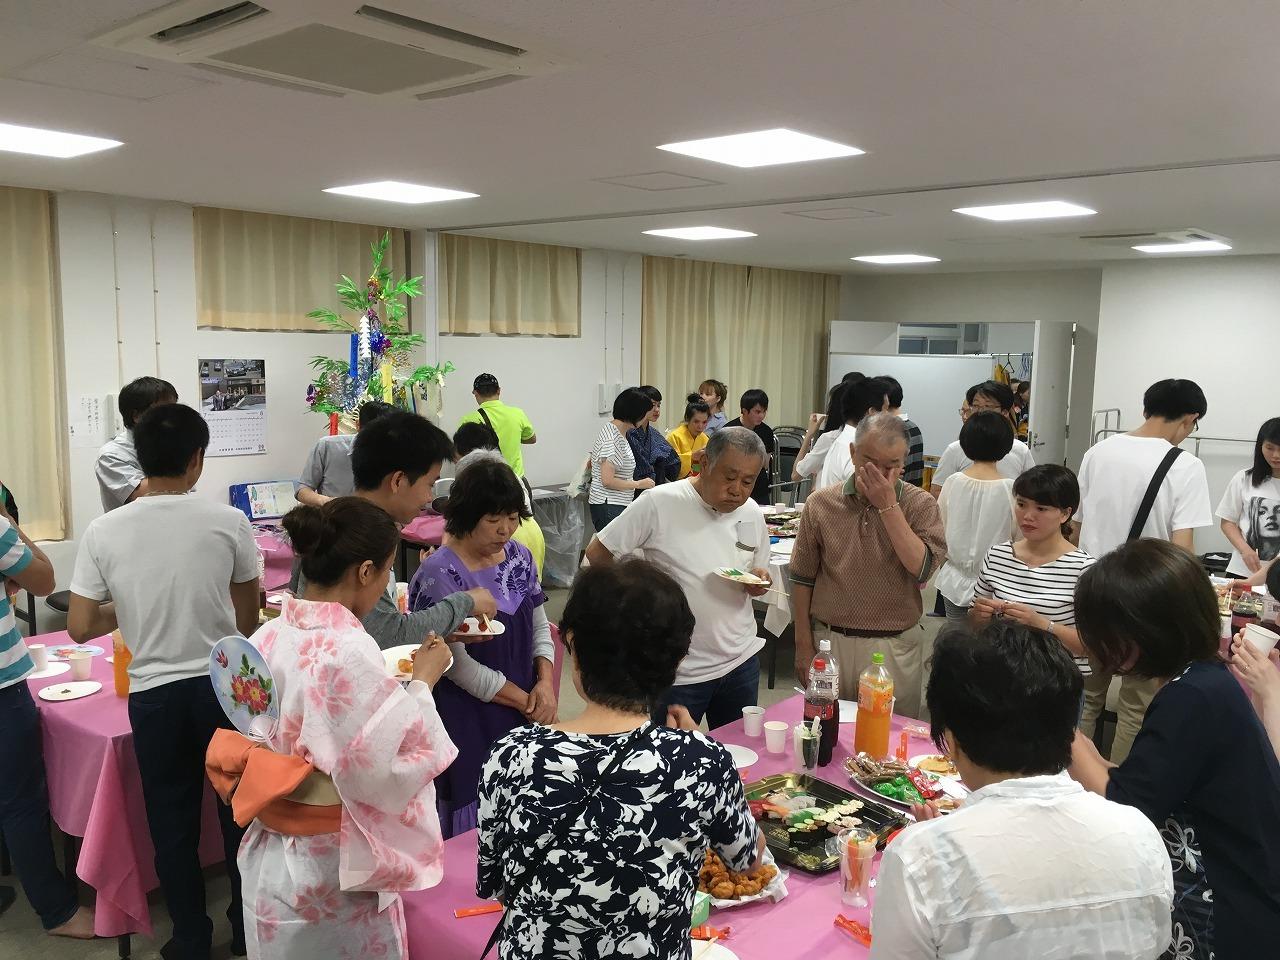 水曜日(夜)永和教室、2018年7月4日(水)、恒例の「七夕まつり」を開催しました。_e0175020_17003787.jpg